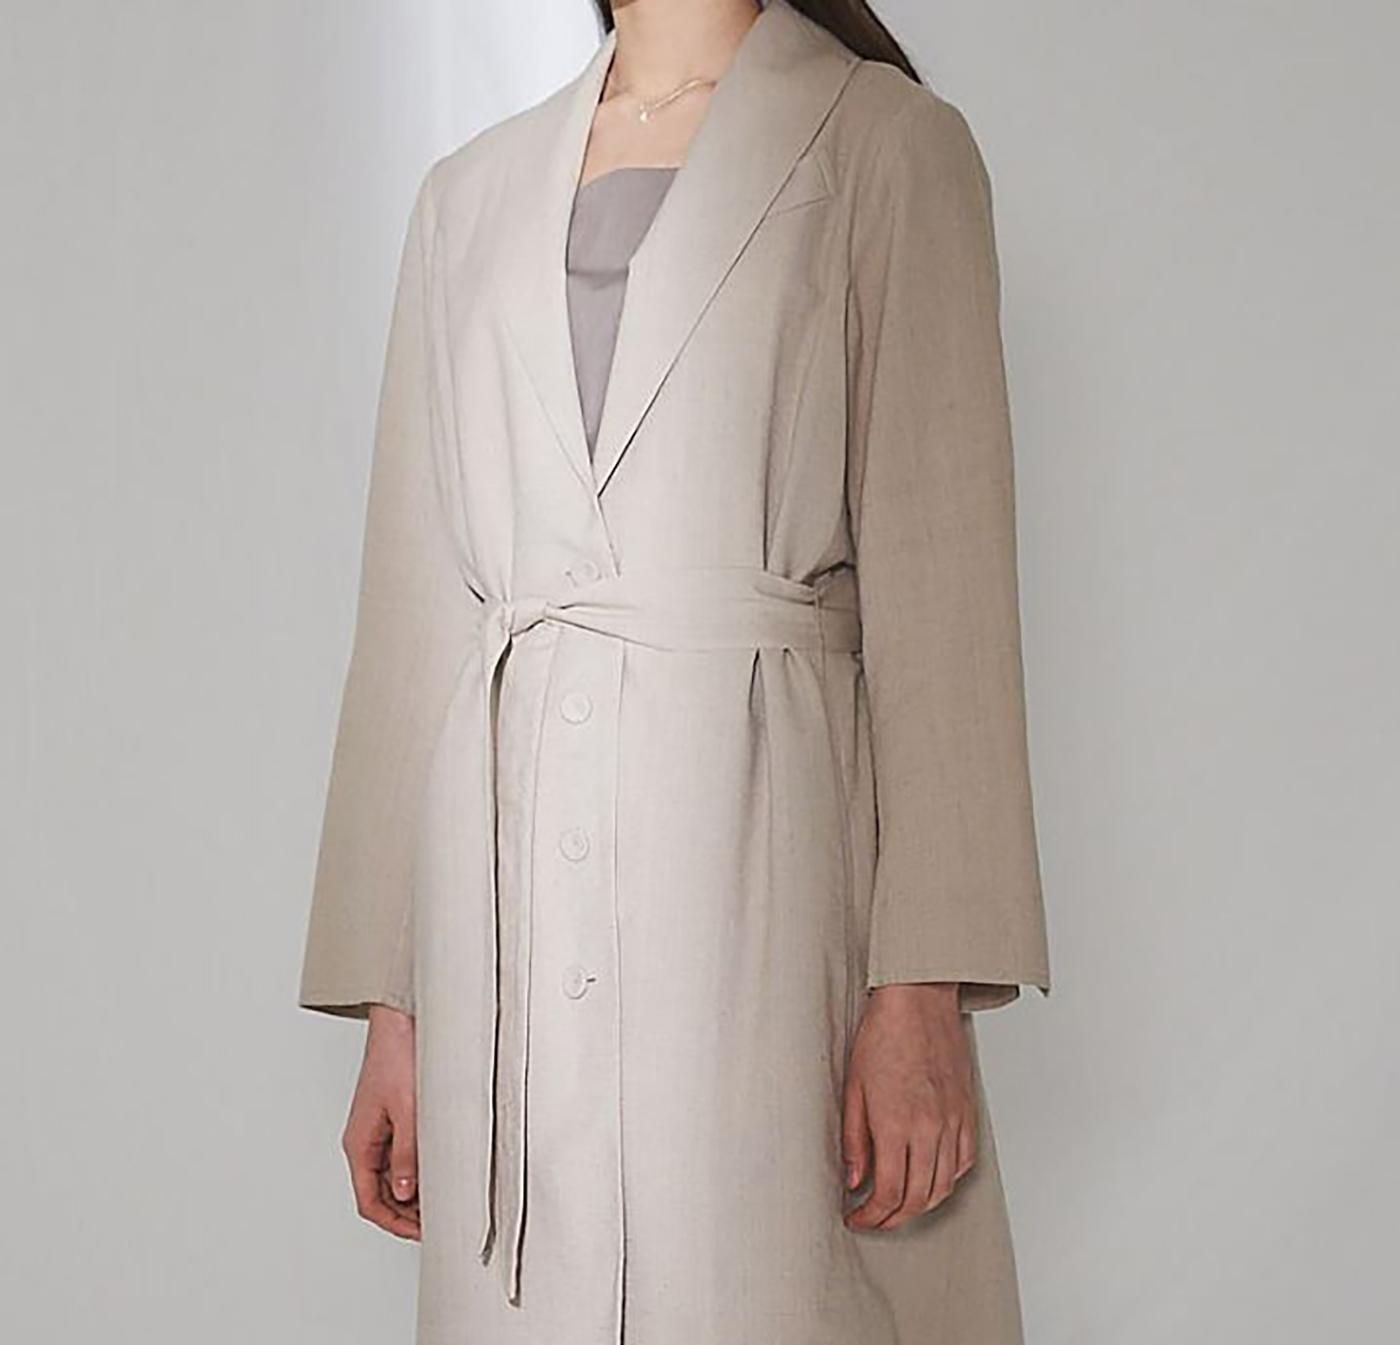 싯소 헴프 롱 재킷/심플함이 더욱 멋스러운 싯소 헴프 롱 재킷 상세이미지2